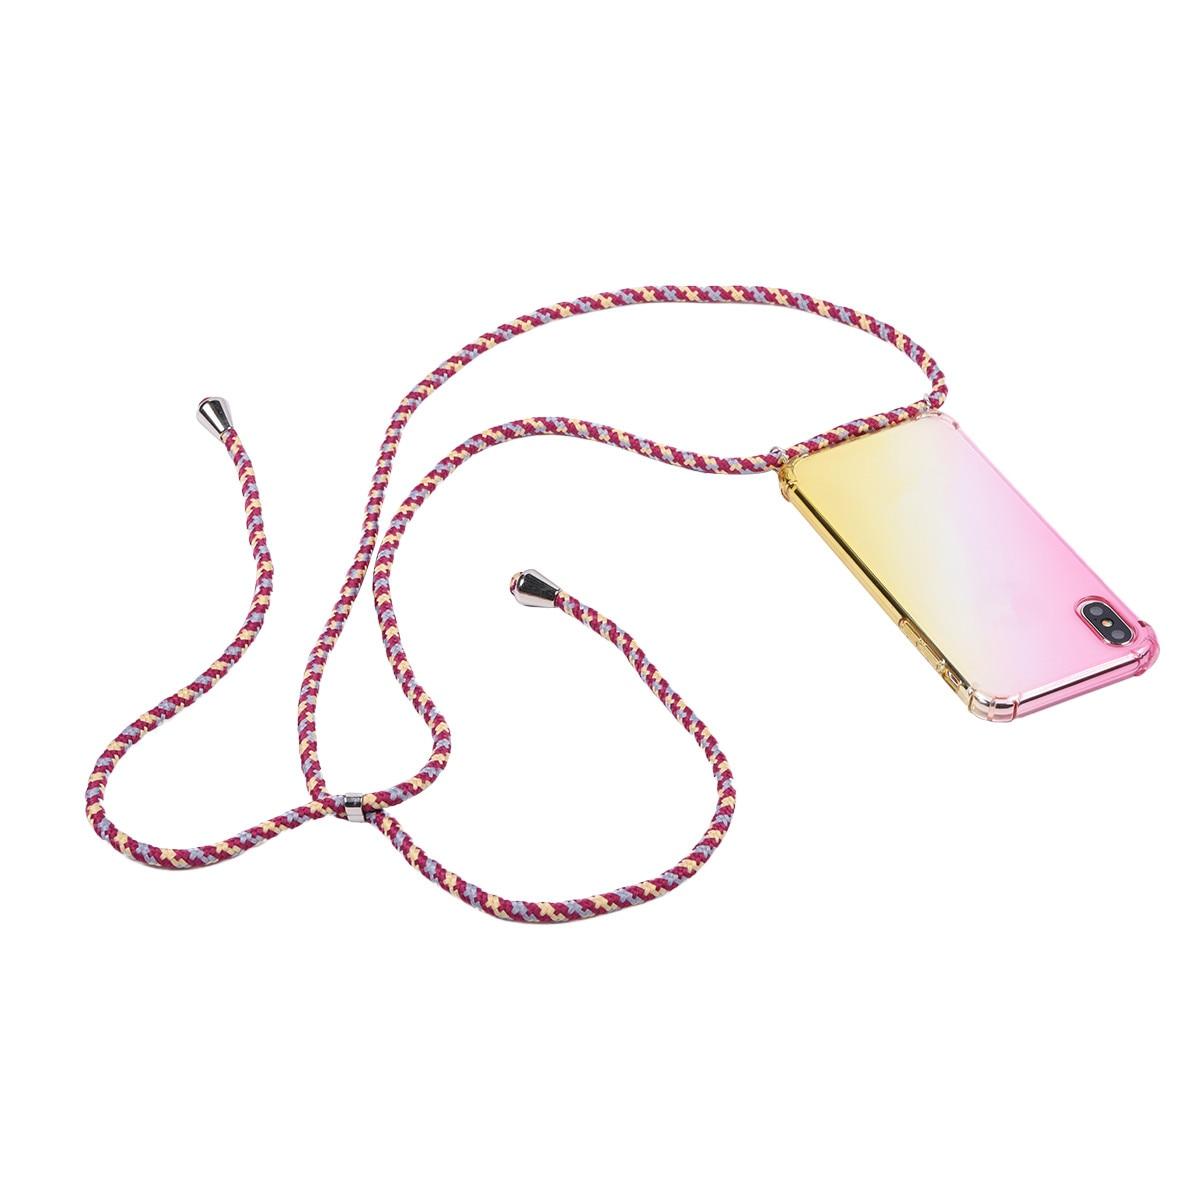 Радужный прозрачный чехол aurora для Samsung Galaxy S10 S10E S9 S8 plus S7 Edge note 10 9 8 ремешок на плечо шнур чехол|Специальные чехлы|   | АлиЭкспресс